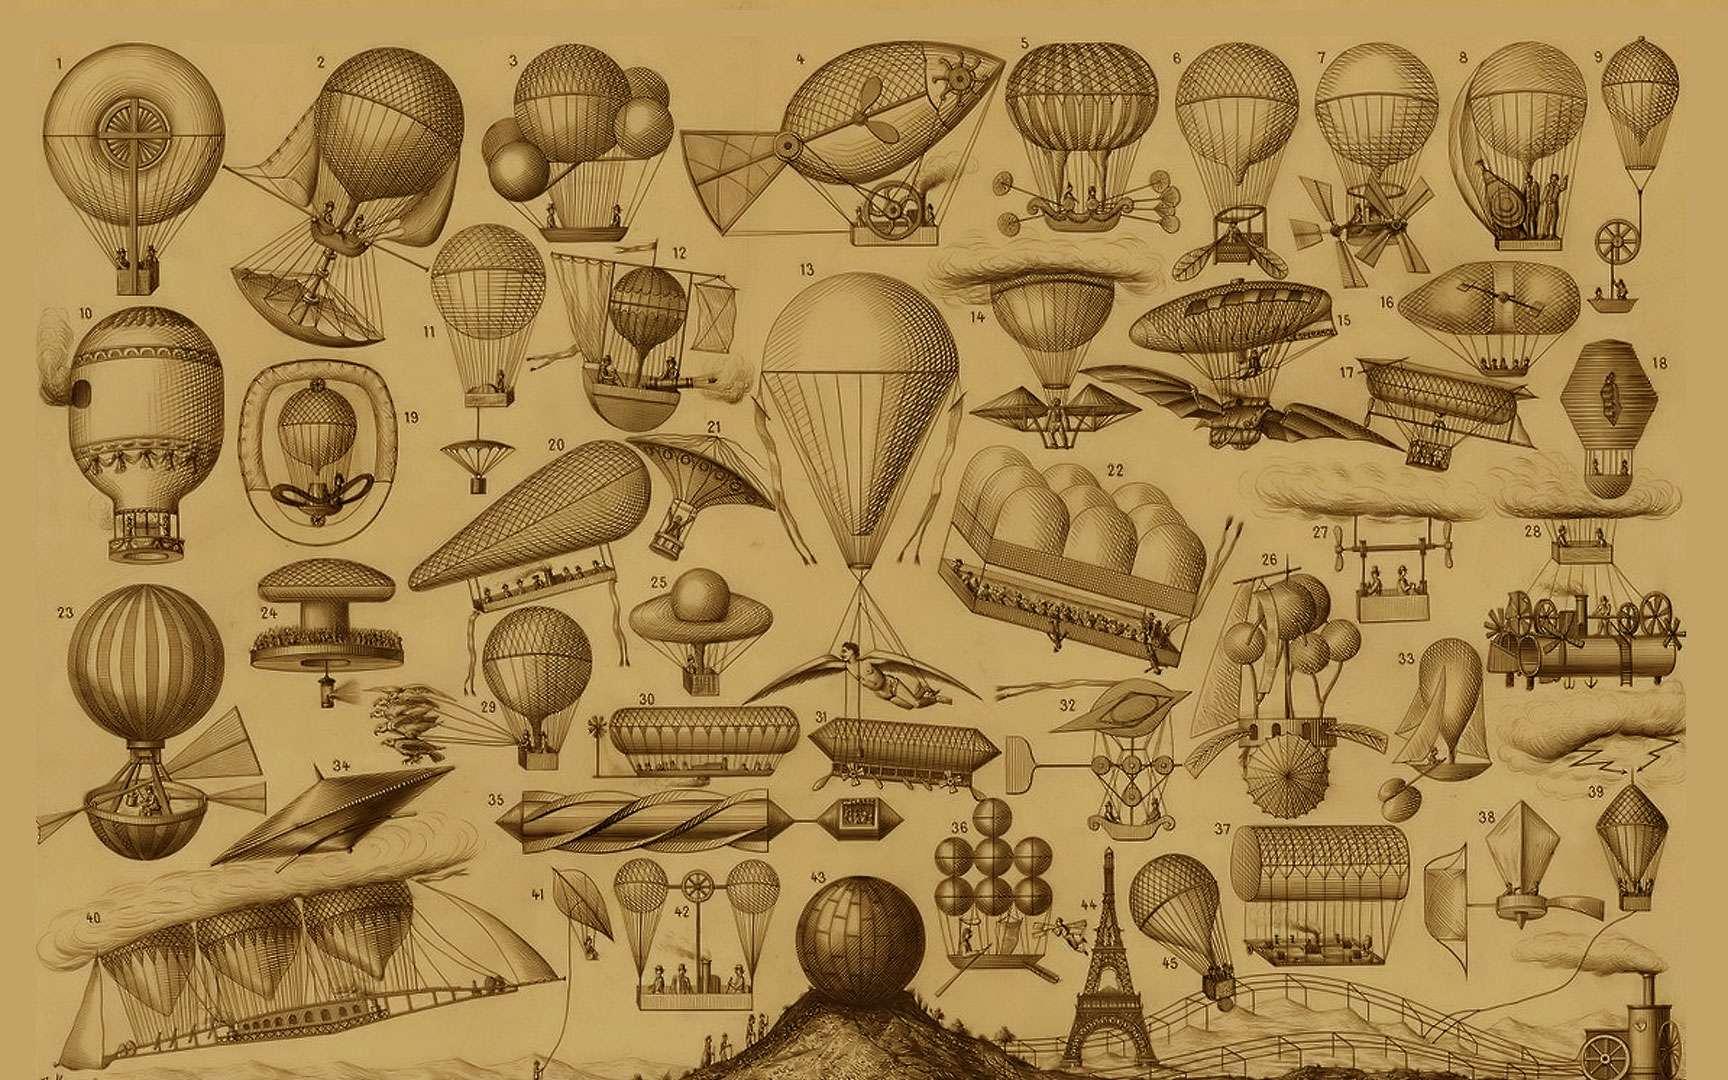 L'ornithoptère de Thomas Edison. Le terme « ornithoptère » désigne une machine qui imite le battement d'aile des oiseaux. Autrement dit, ce sont des machines qui peuvent voler à la seule force musculaire humaine. Bien que très joli, ce dessin attribué à Thomas Edison n'est pas vraiment réaliste. Léonard de Vinci a également travaillé sur de nombreuses machines volantes de ce genre. Aucune n'est parvenue à décoller. © Illustration d'après le Daily Graphic